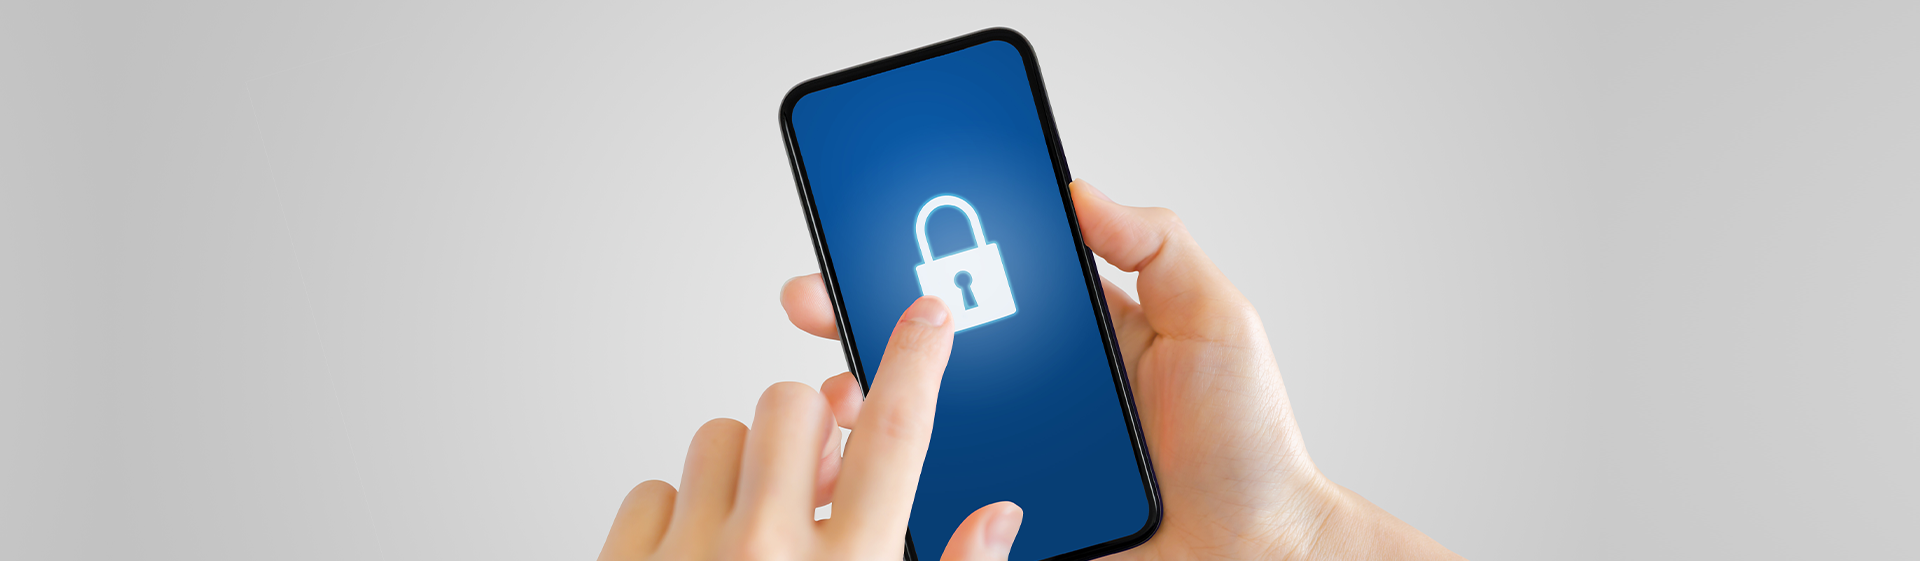 Como bloquear celular roubado pelo IMEI